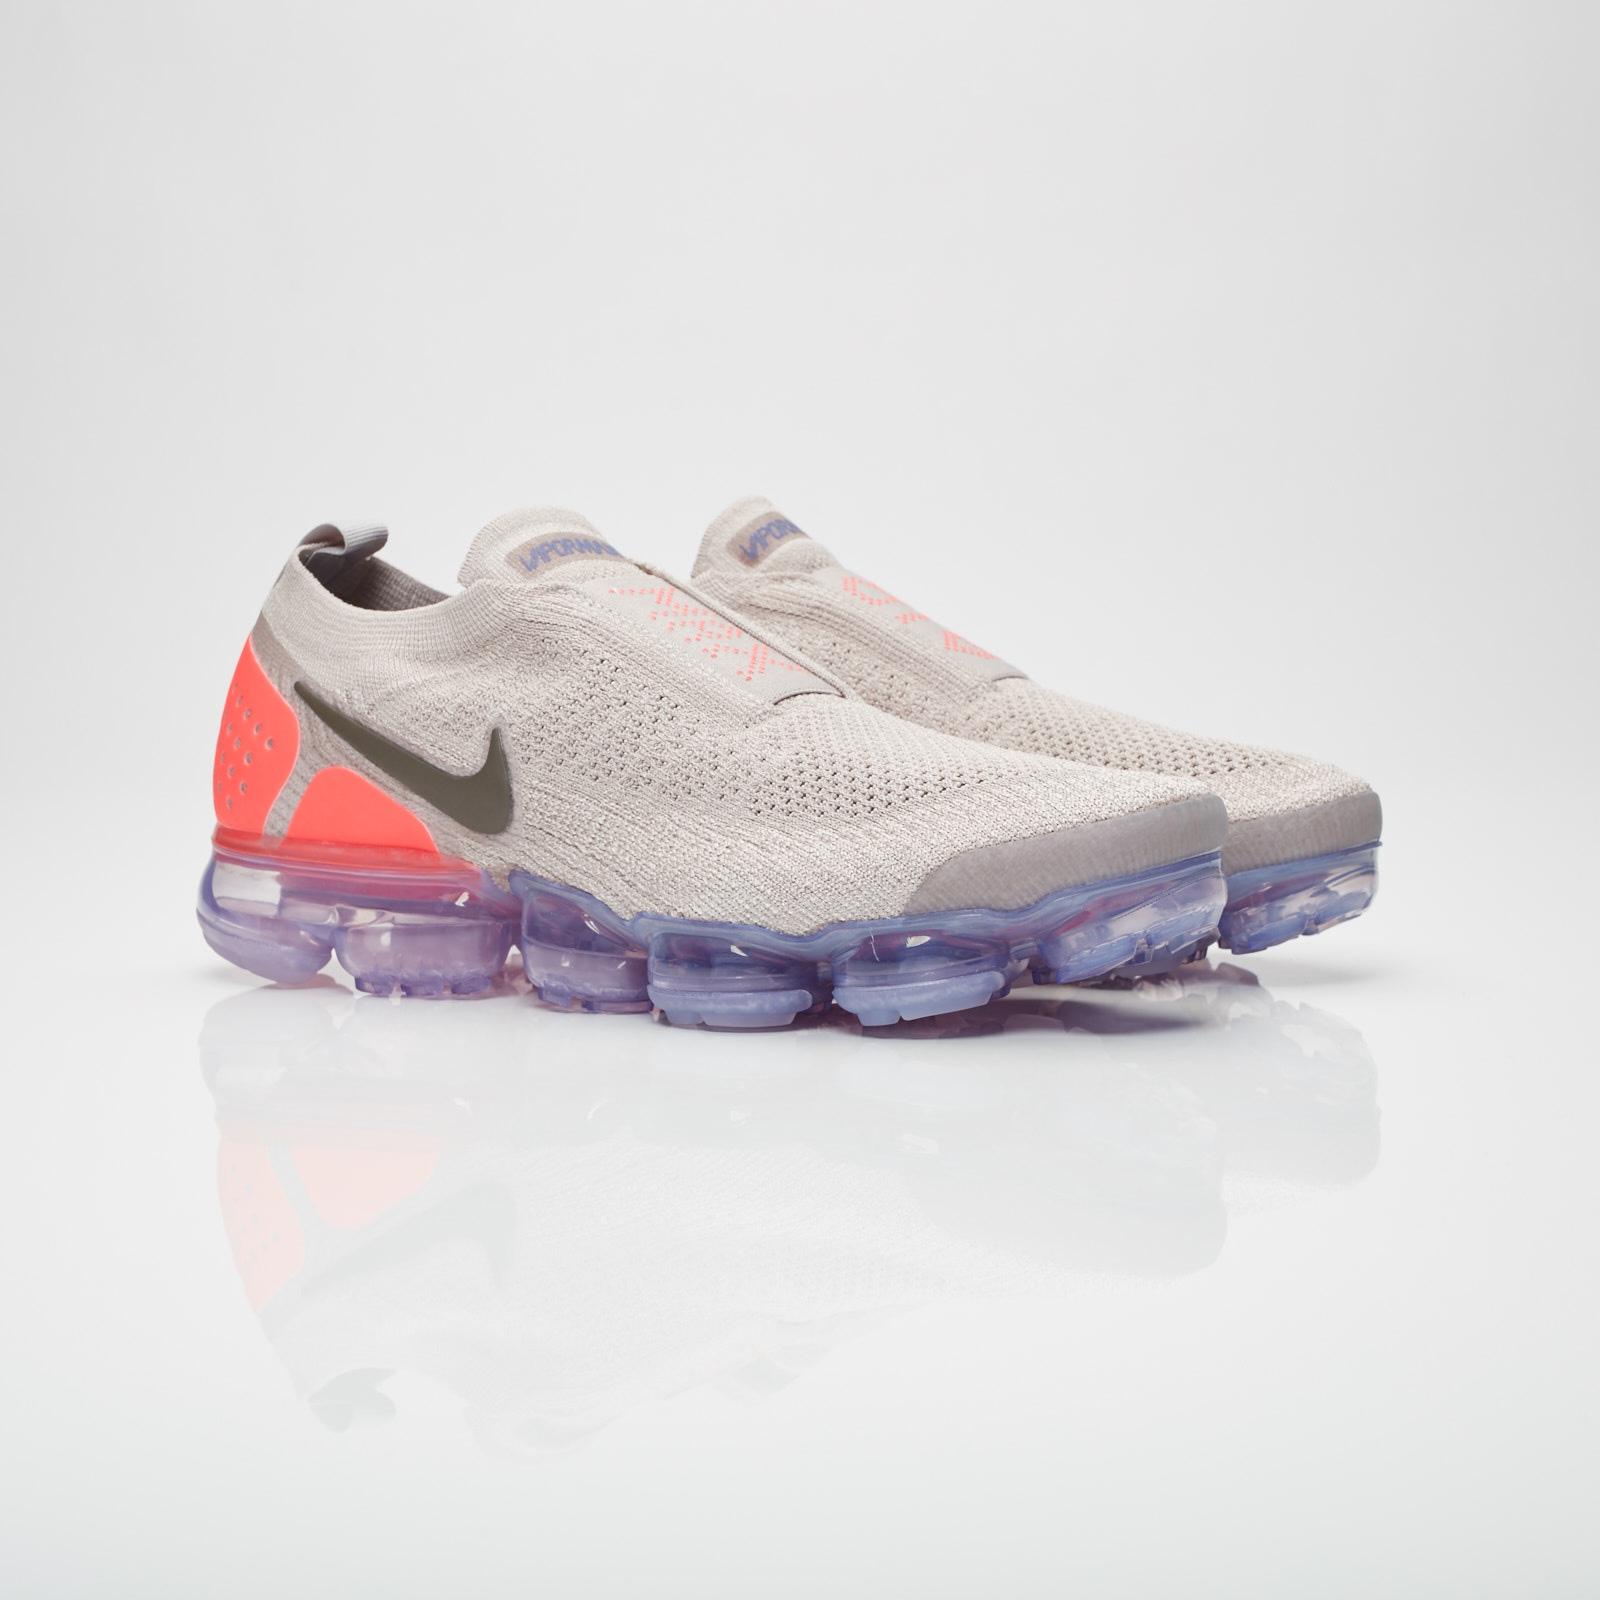 ea17f7d1e710 Nike Air Vapormax FK Moc 2 - Ah7006-201 - Sneakersnstuff